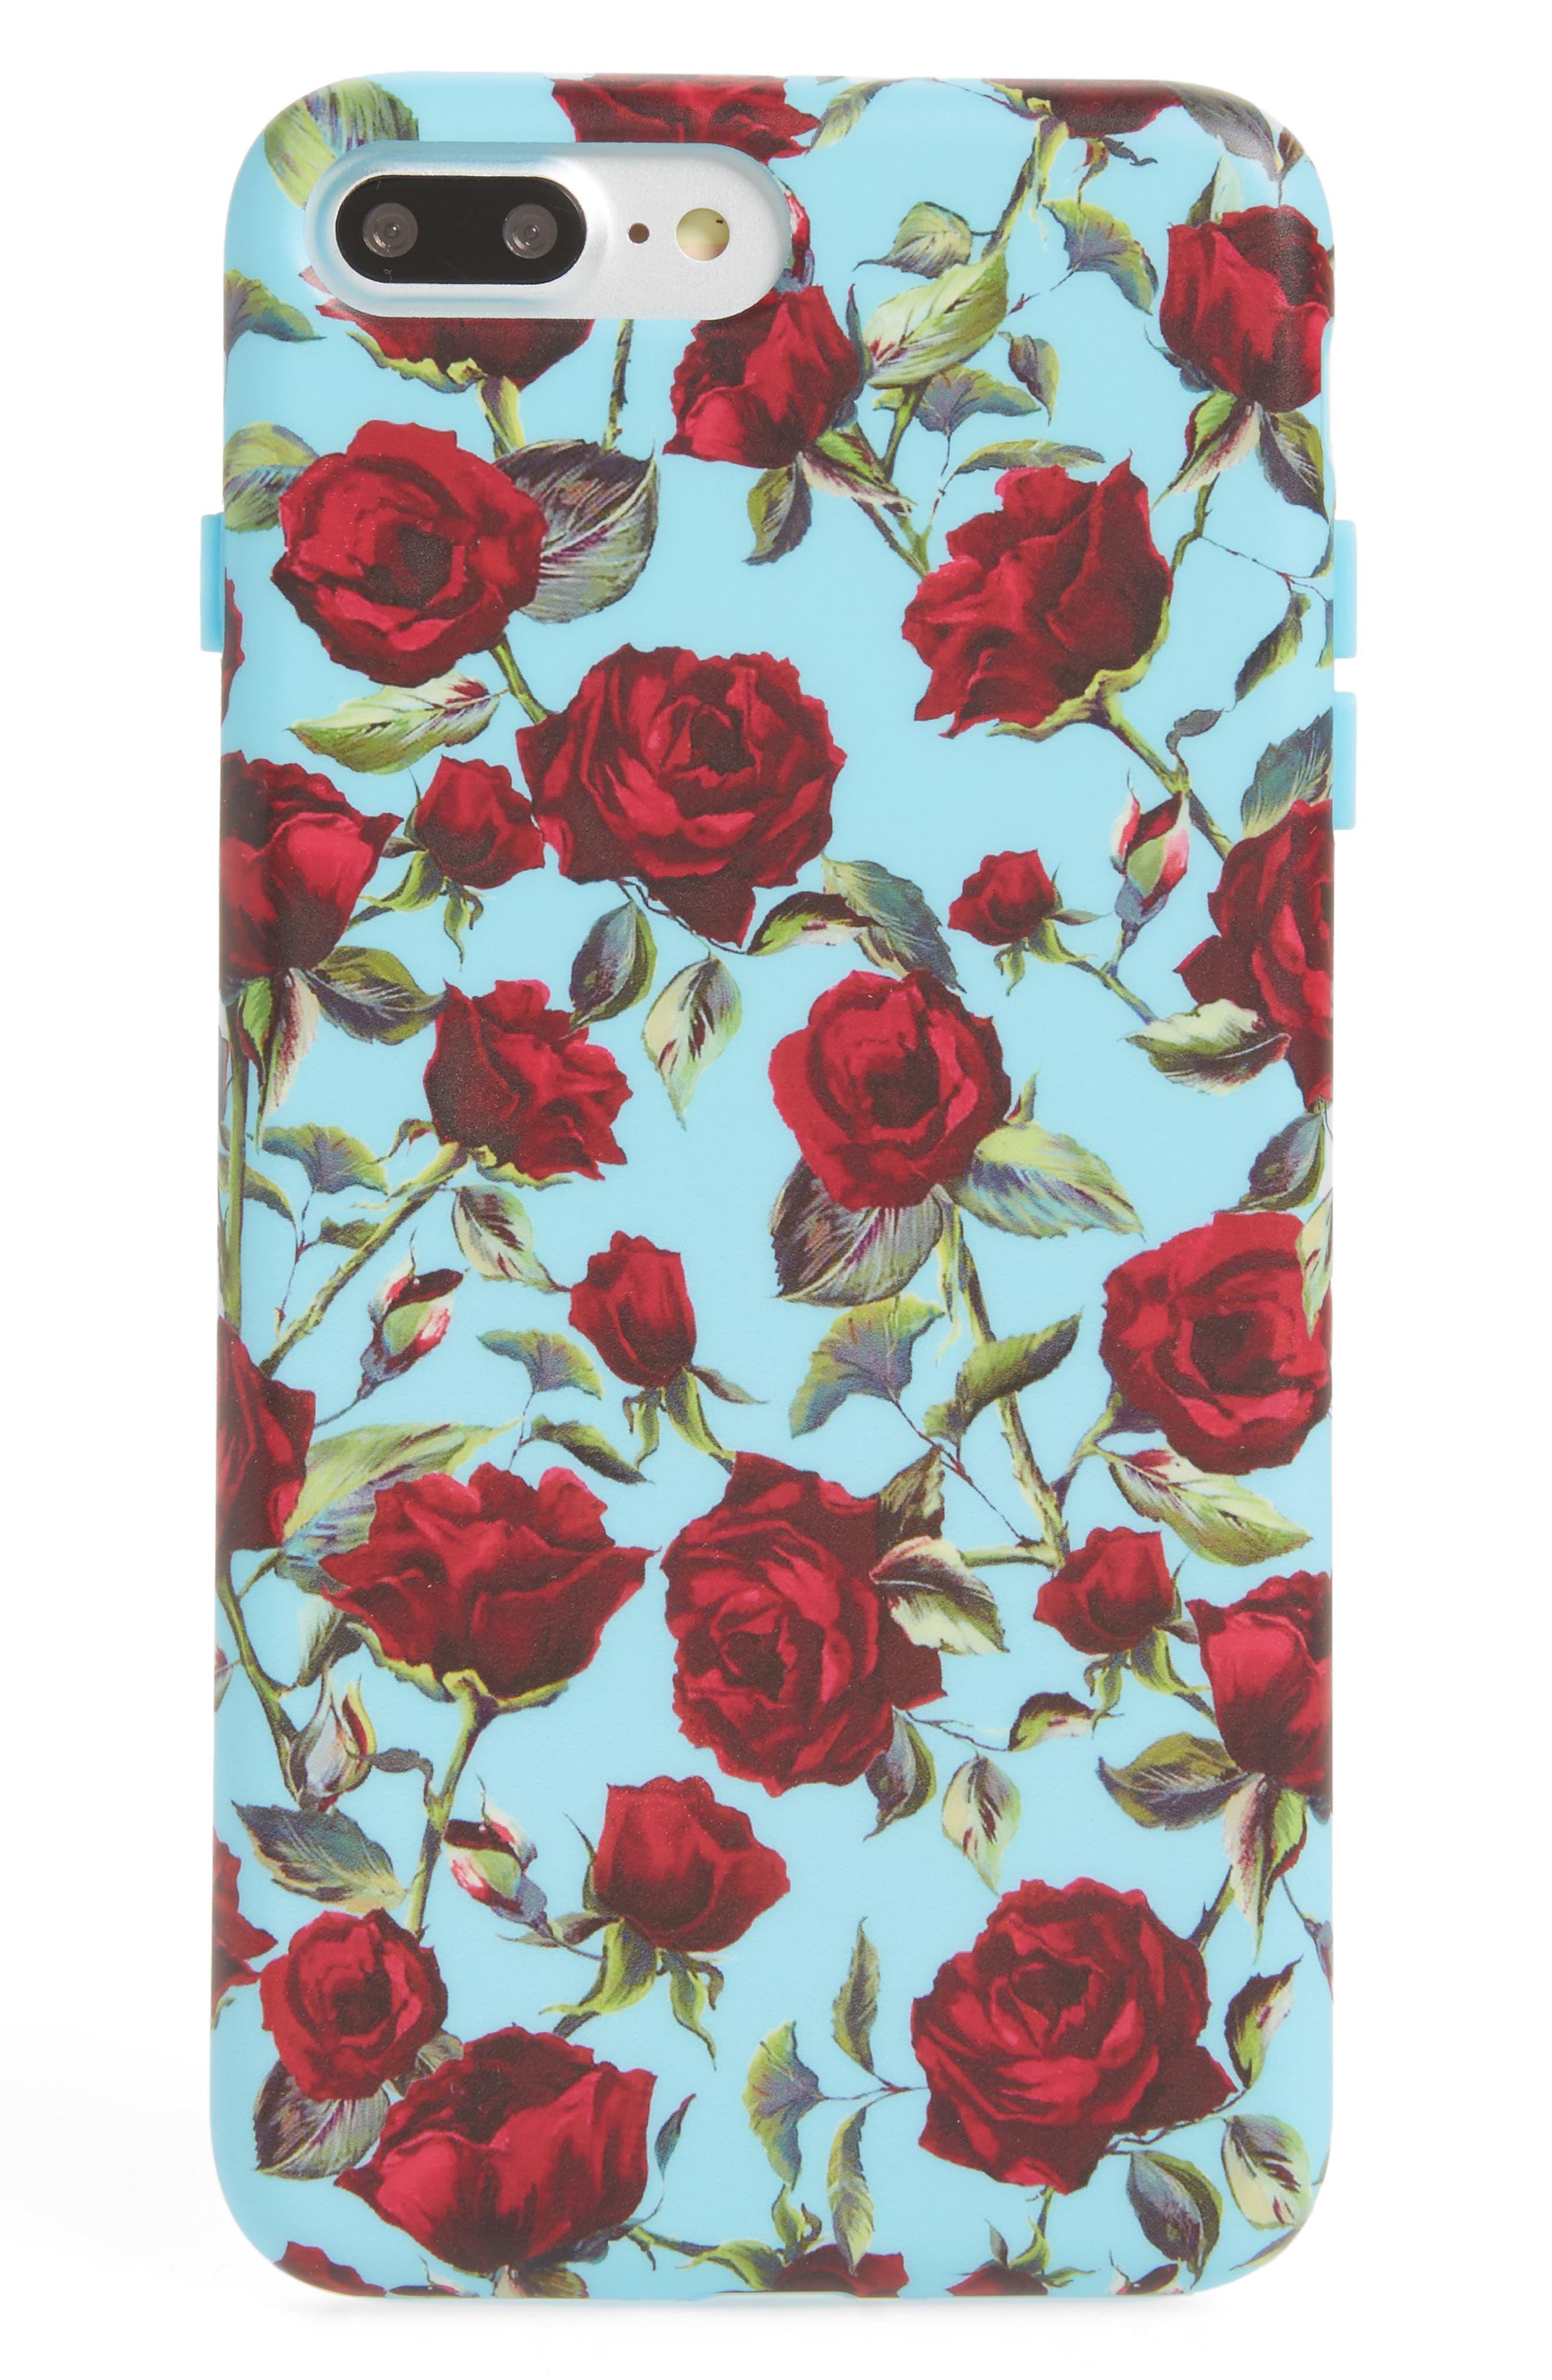 Roses iPhone 7/8 Plus Case,                             Main thumbnail 1, color,                             Blue